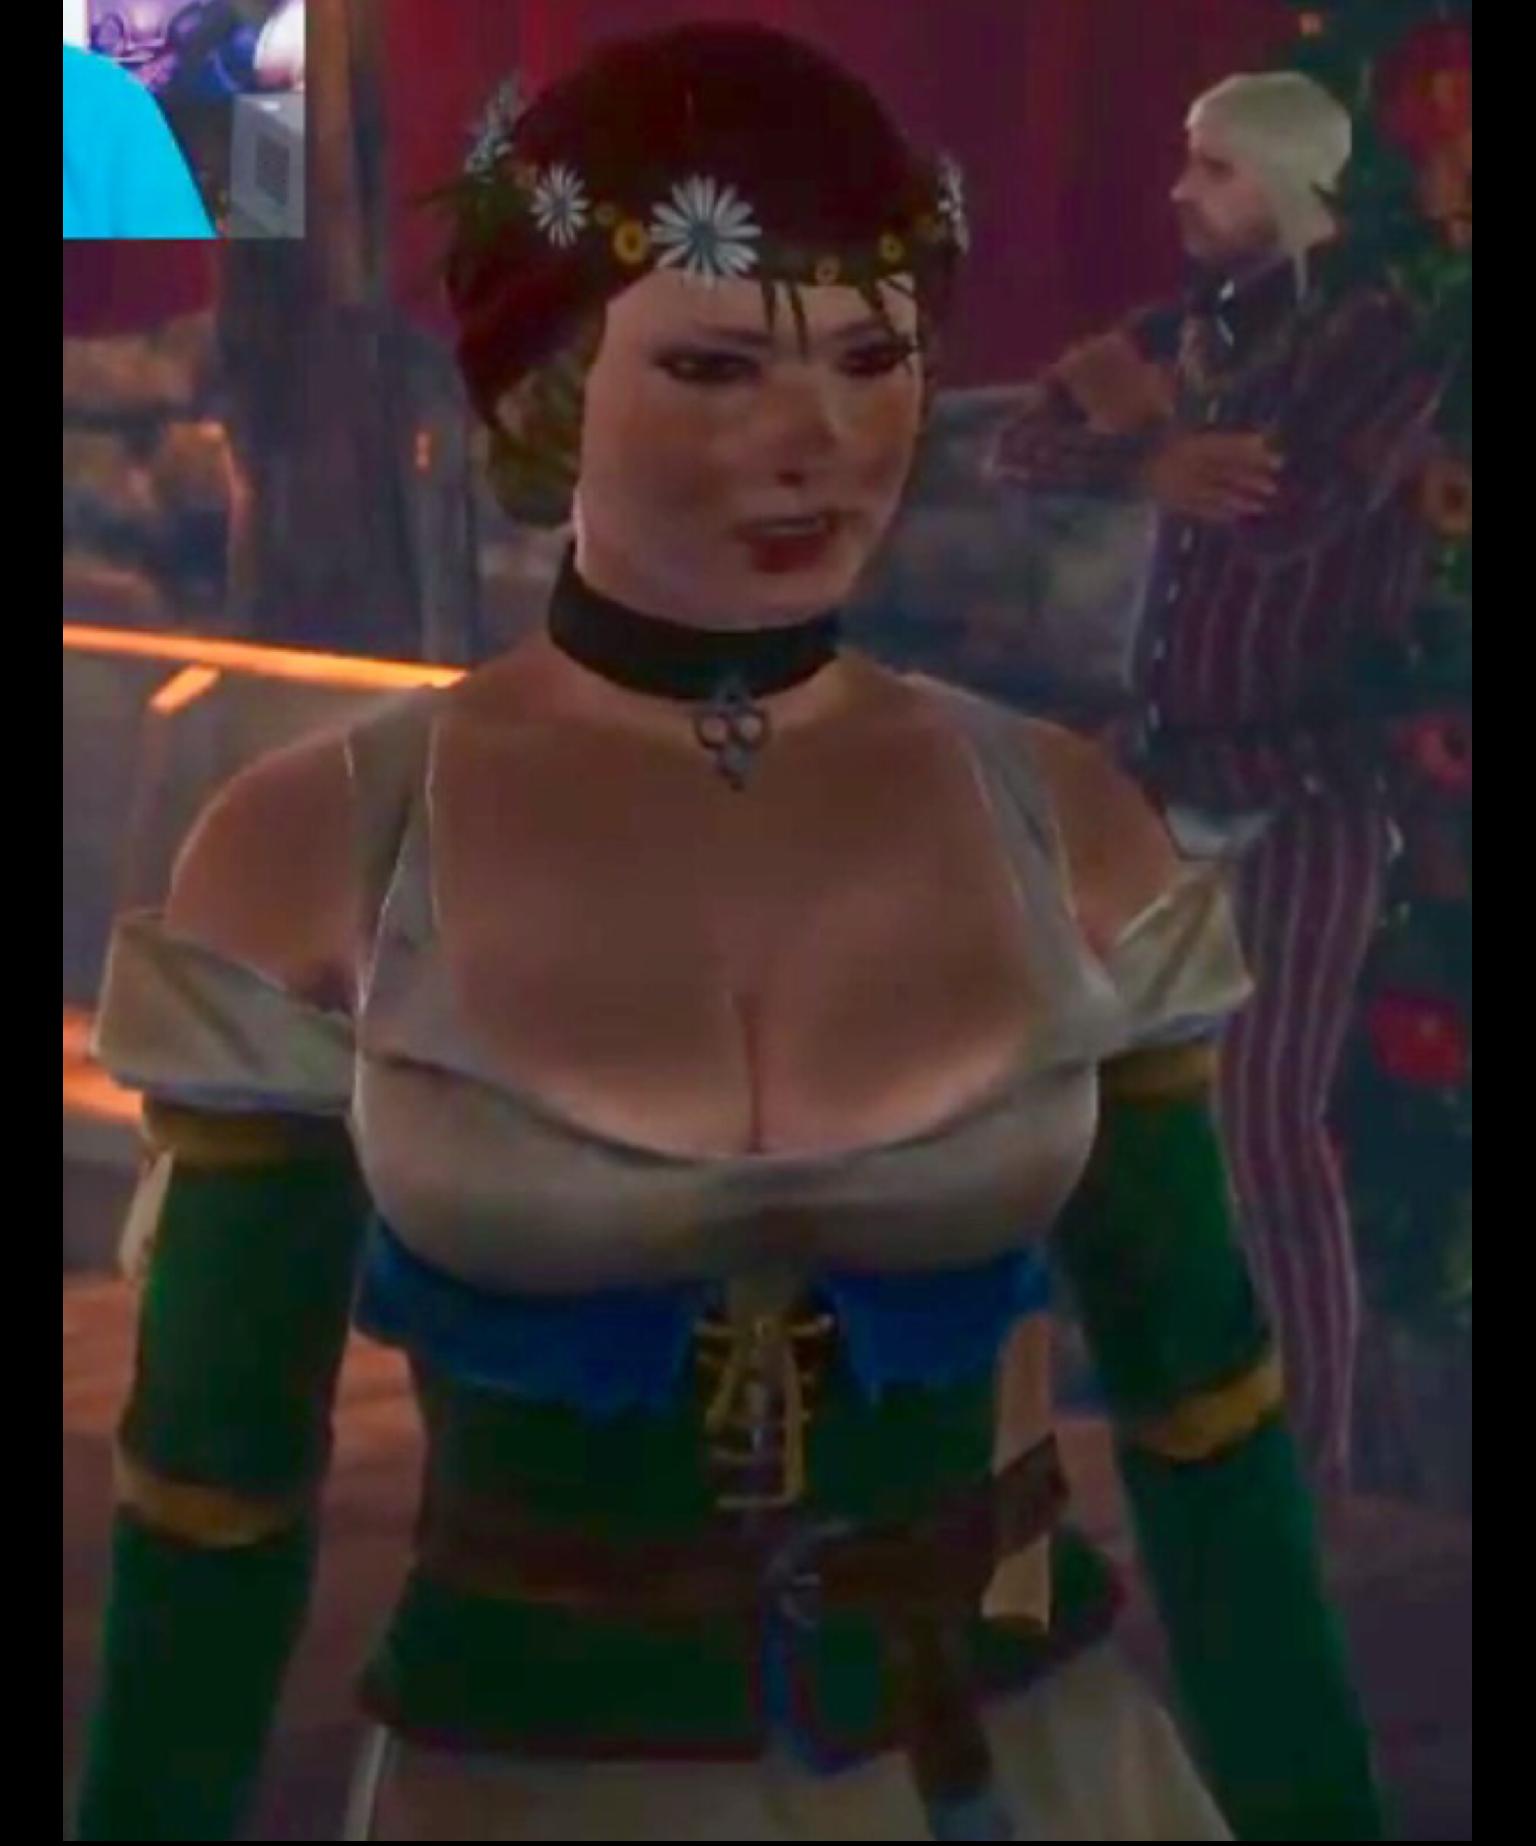 Julia (prostitute)